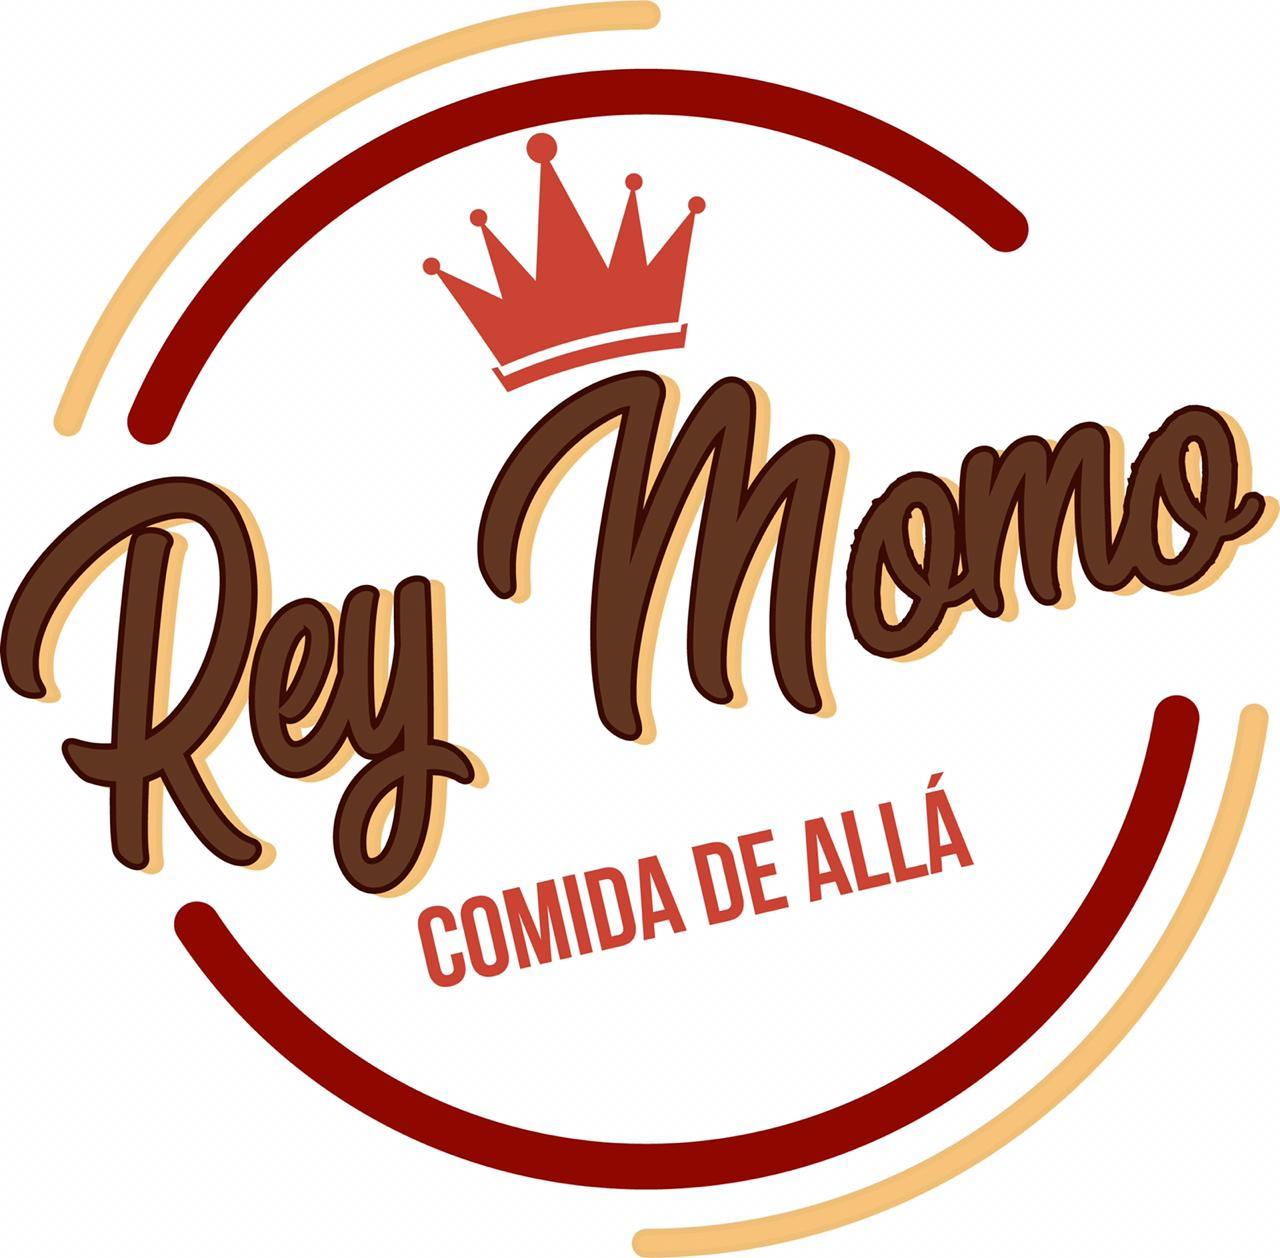 Rey Momo